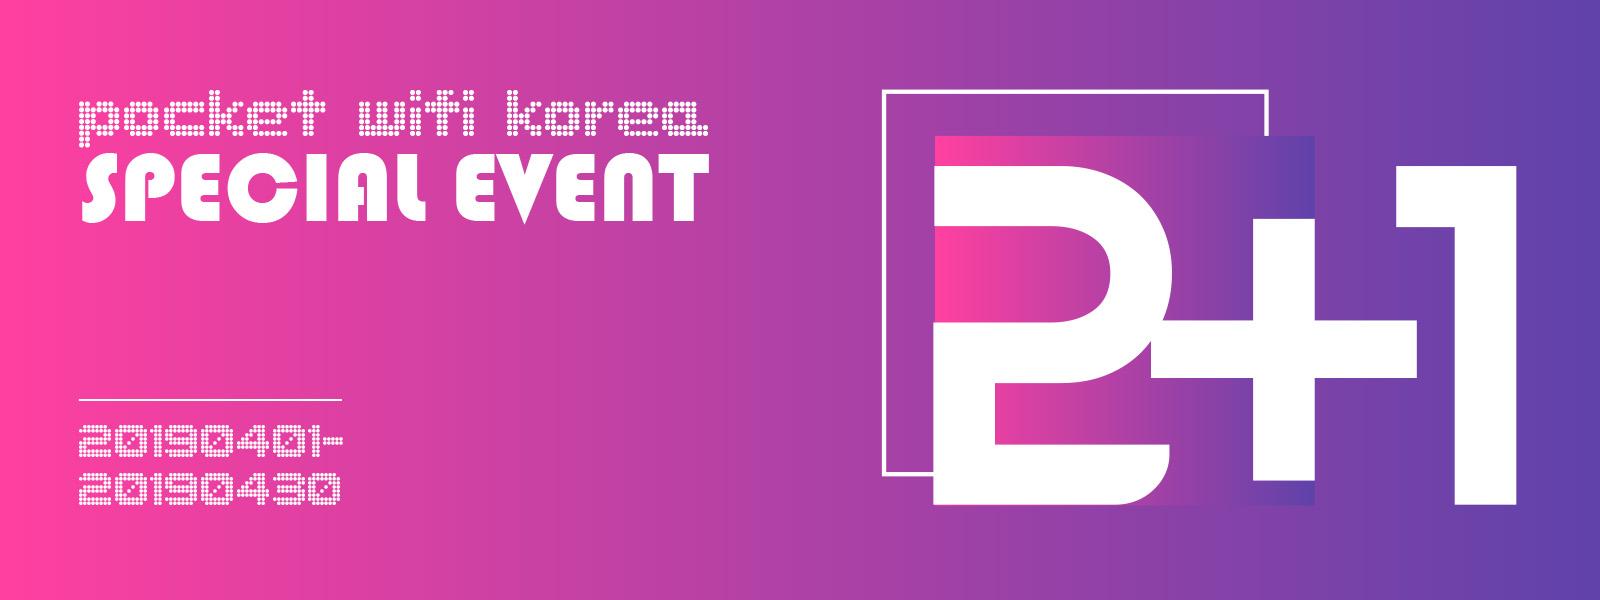 2019 4월 상설 이벤트 배너